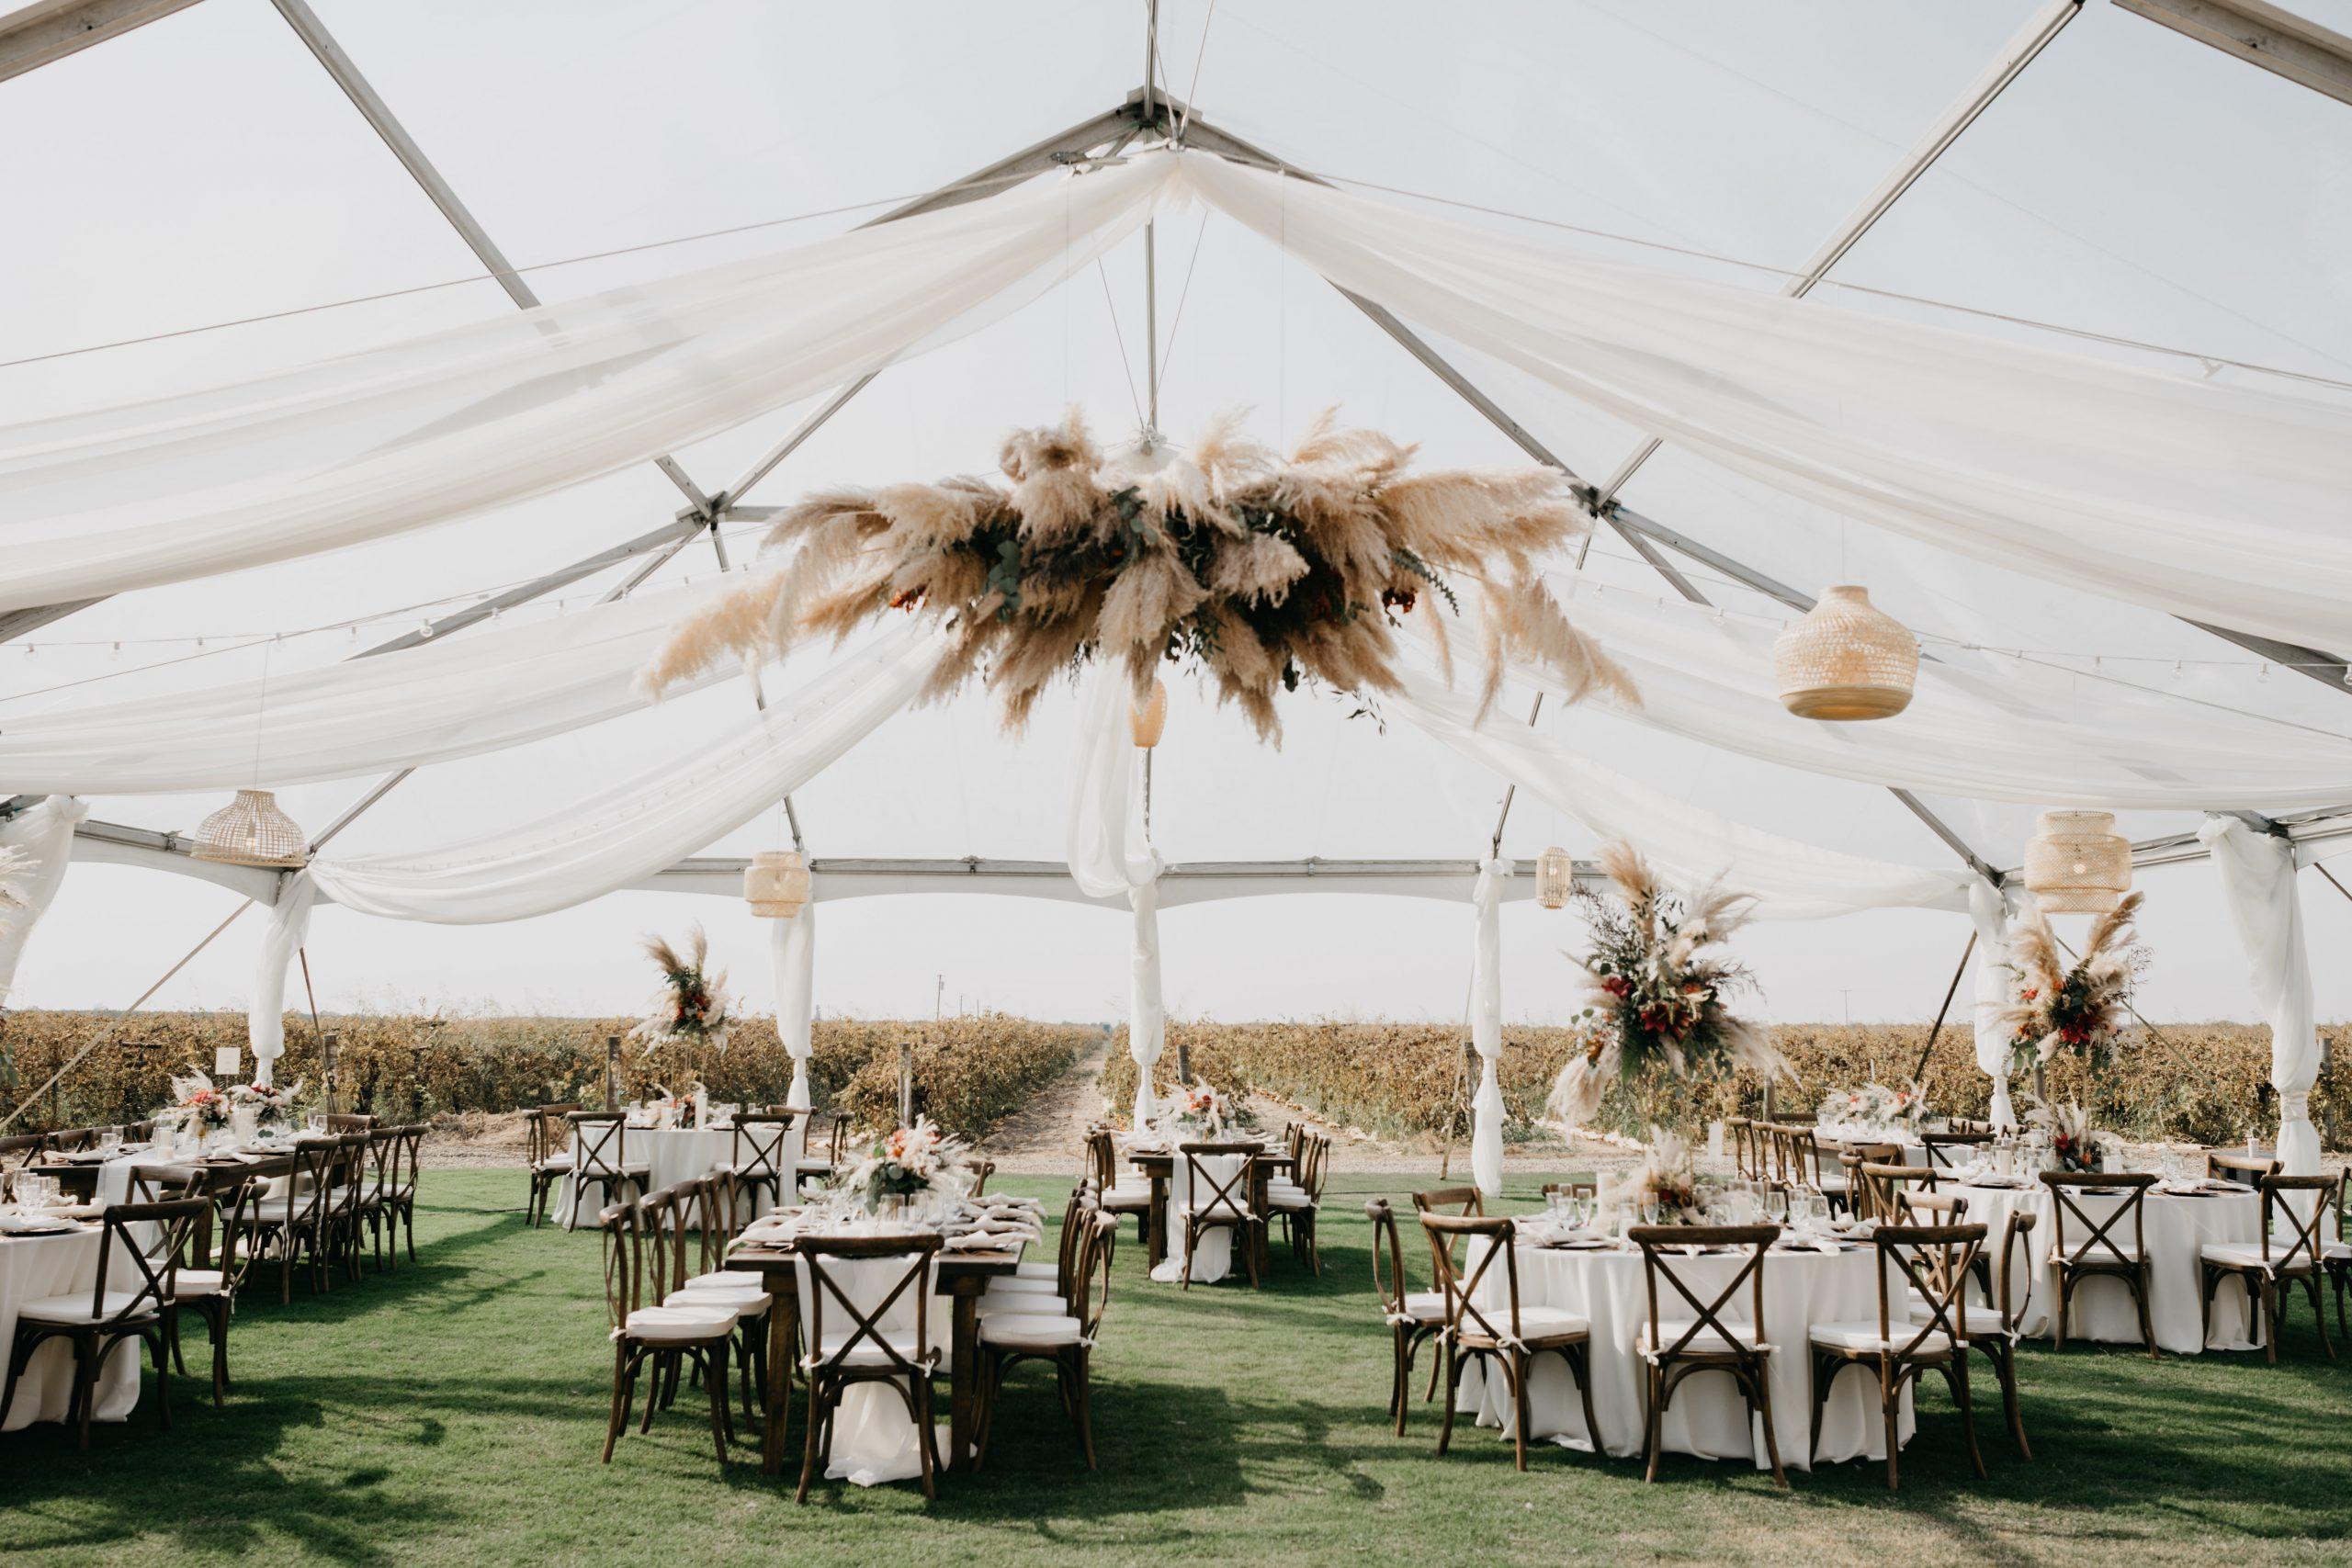 Evanelle Vineyards Wedding image by Fatima Elreda Photo